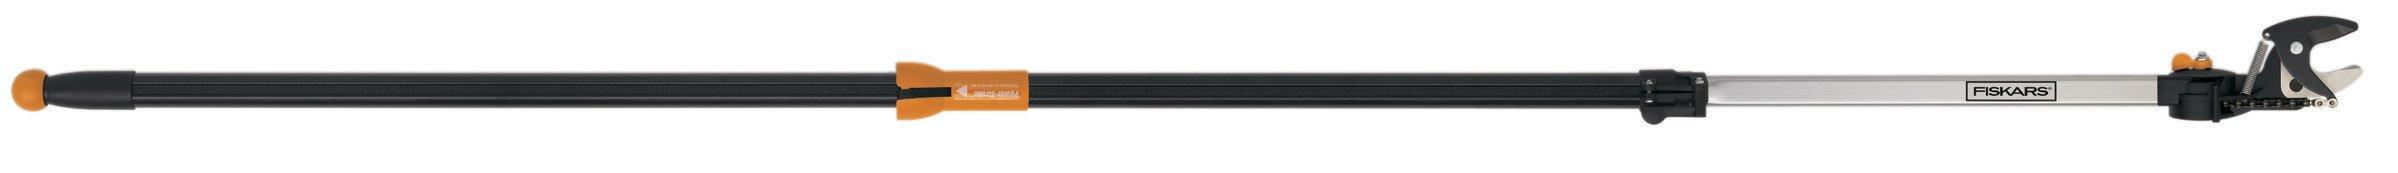 Fiskars 7.9-12 Foot ExtendableTree Pruning Stik Pruner (92406935K) by Fiskars